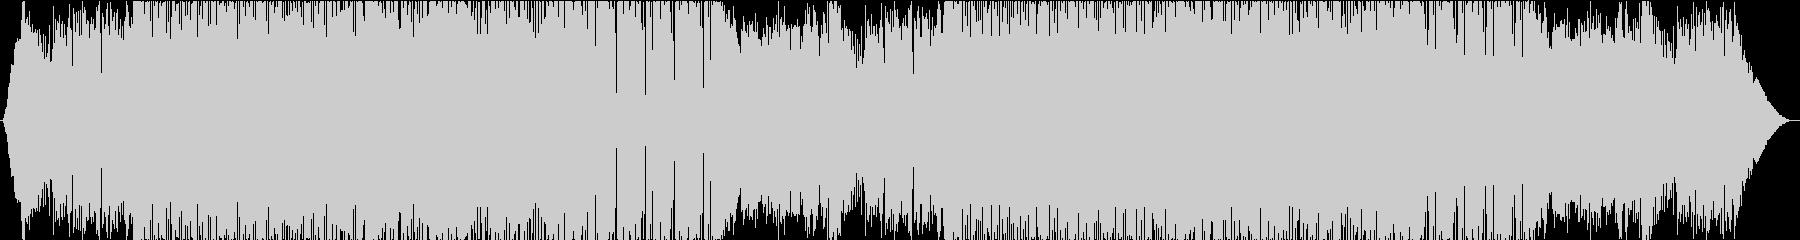 ピアノのアルペジオがメインのバンド曲の未再生の波形